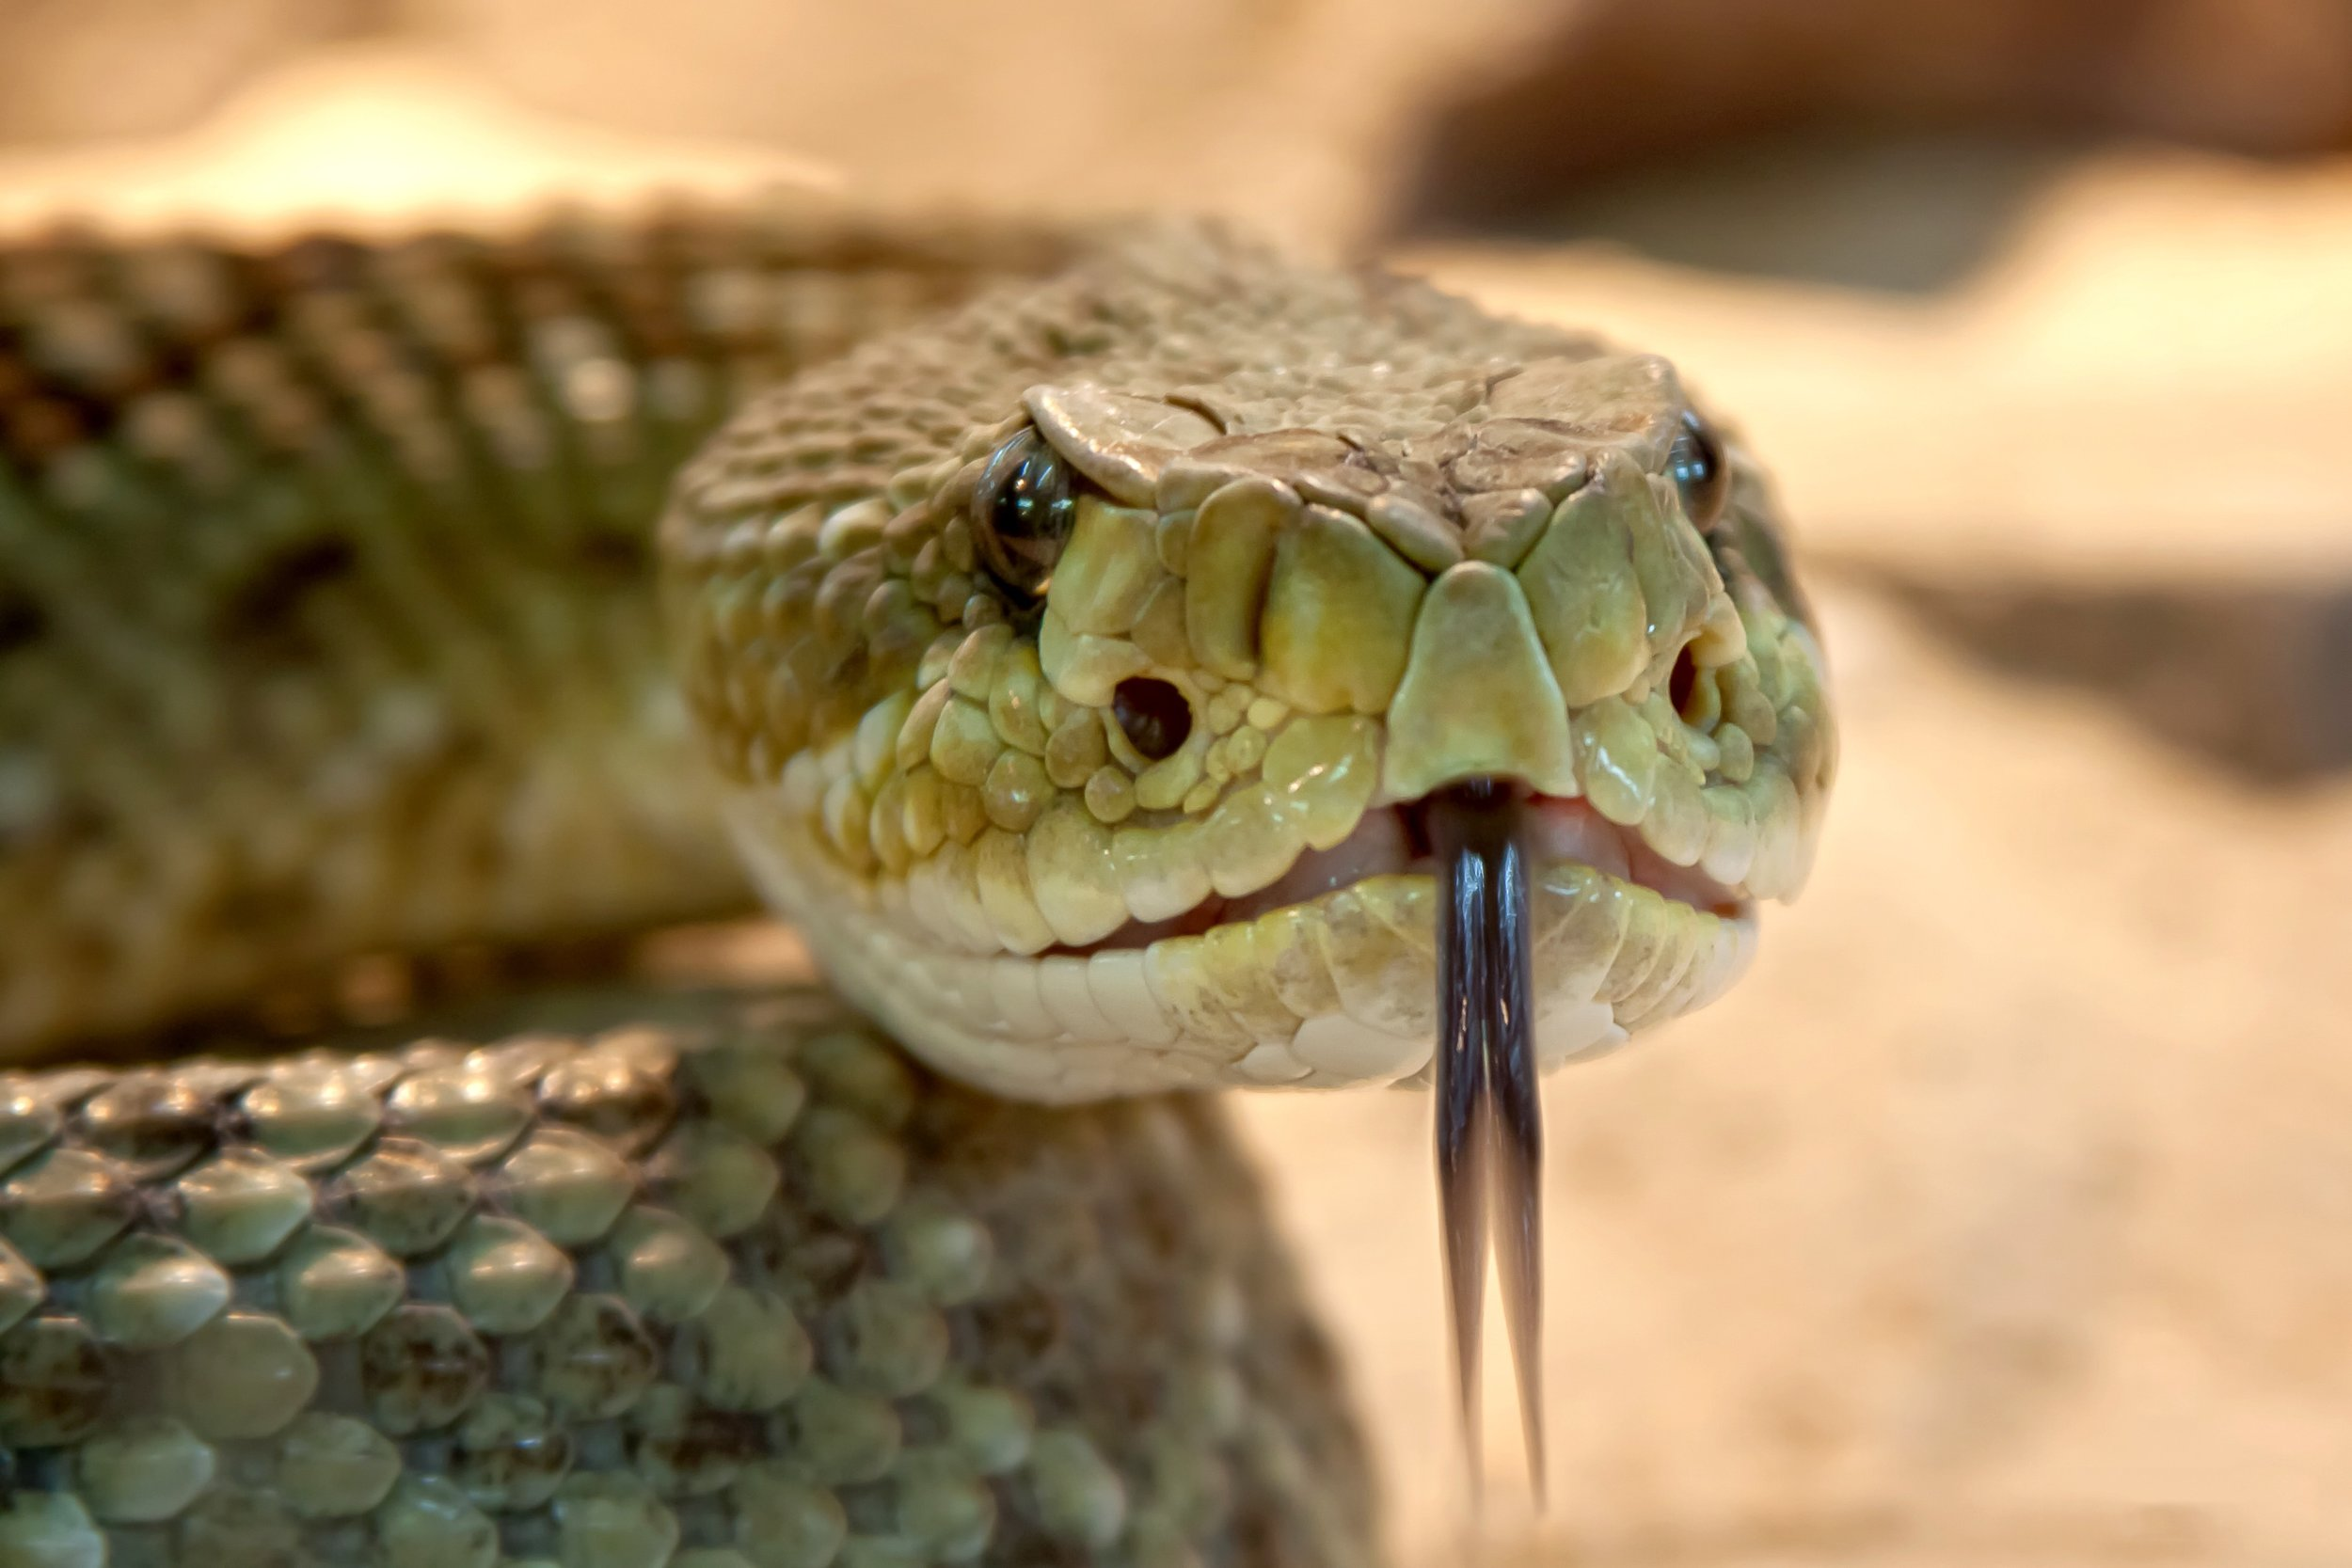 animal-dangerous-evil-38438.jpg